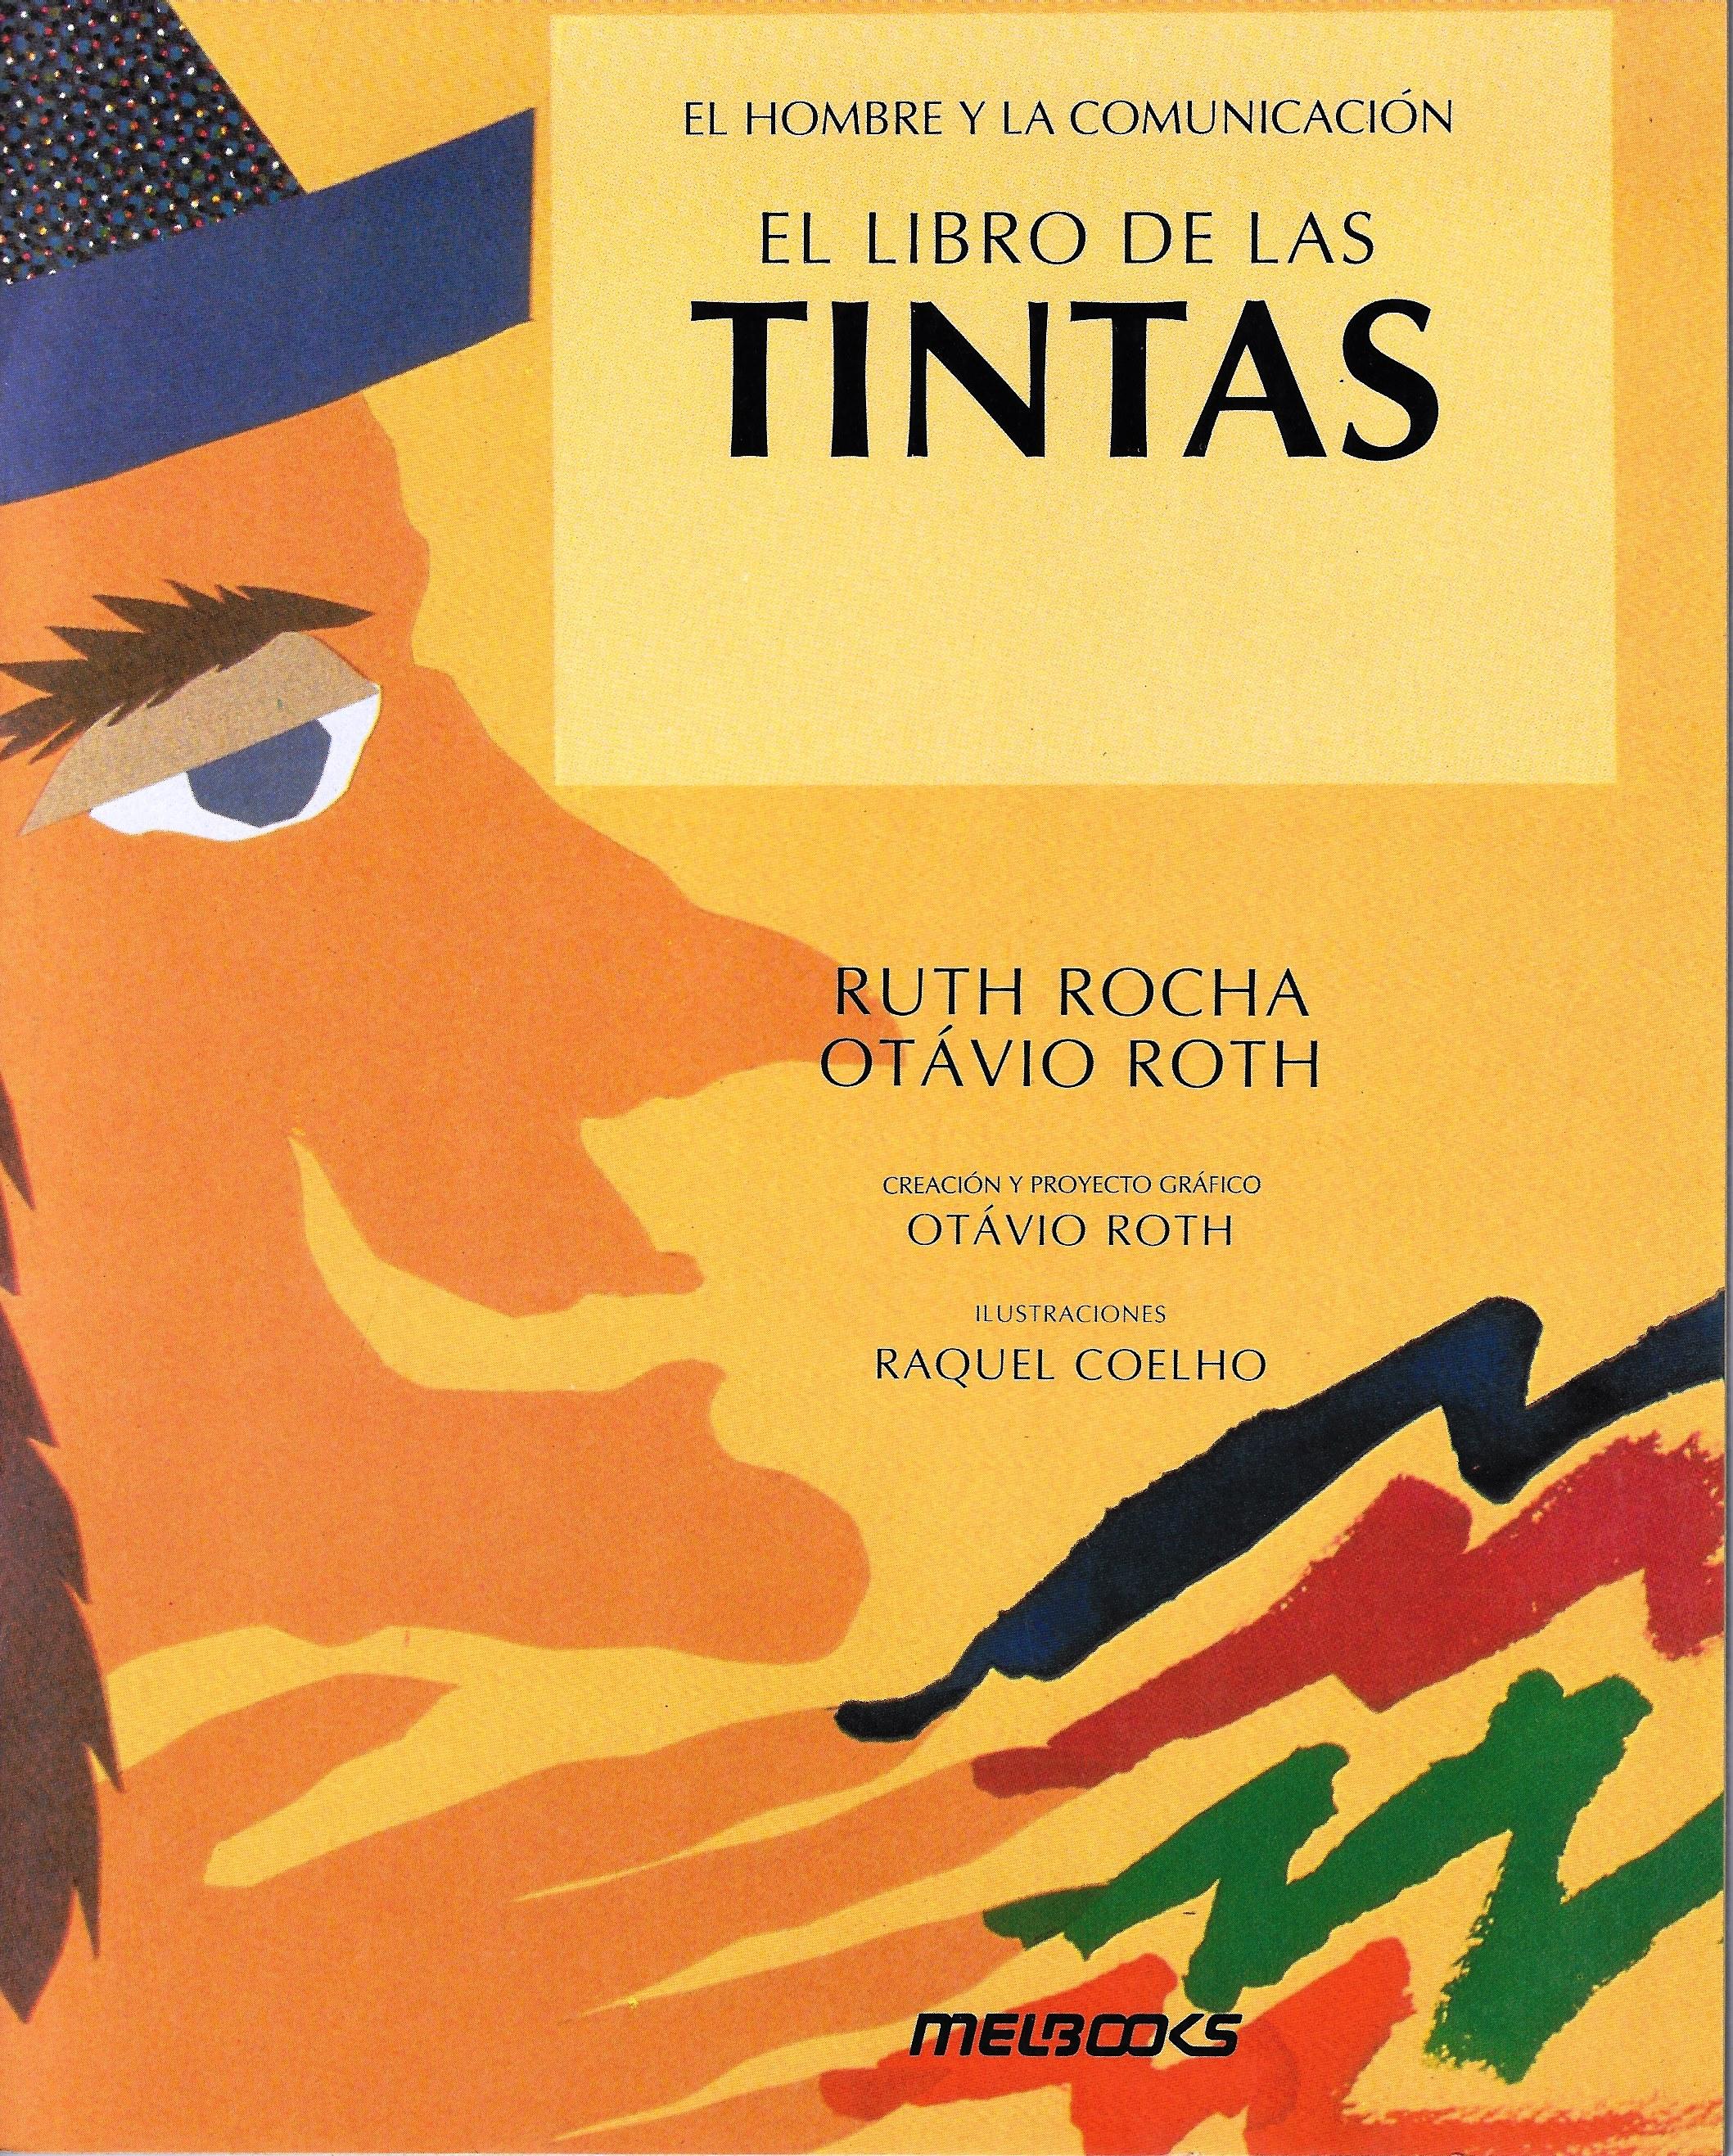 EL Livro de las Tintas